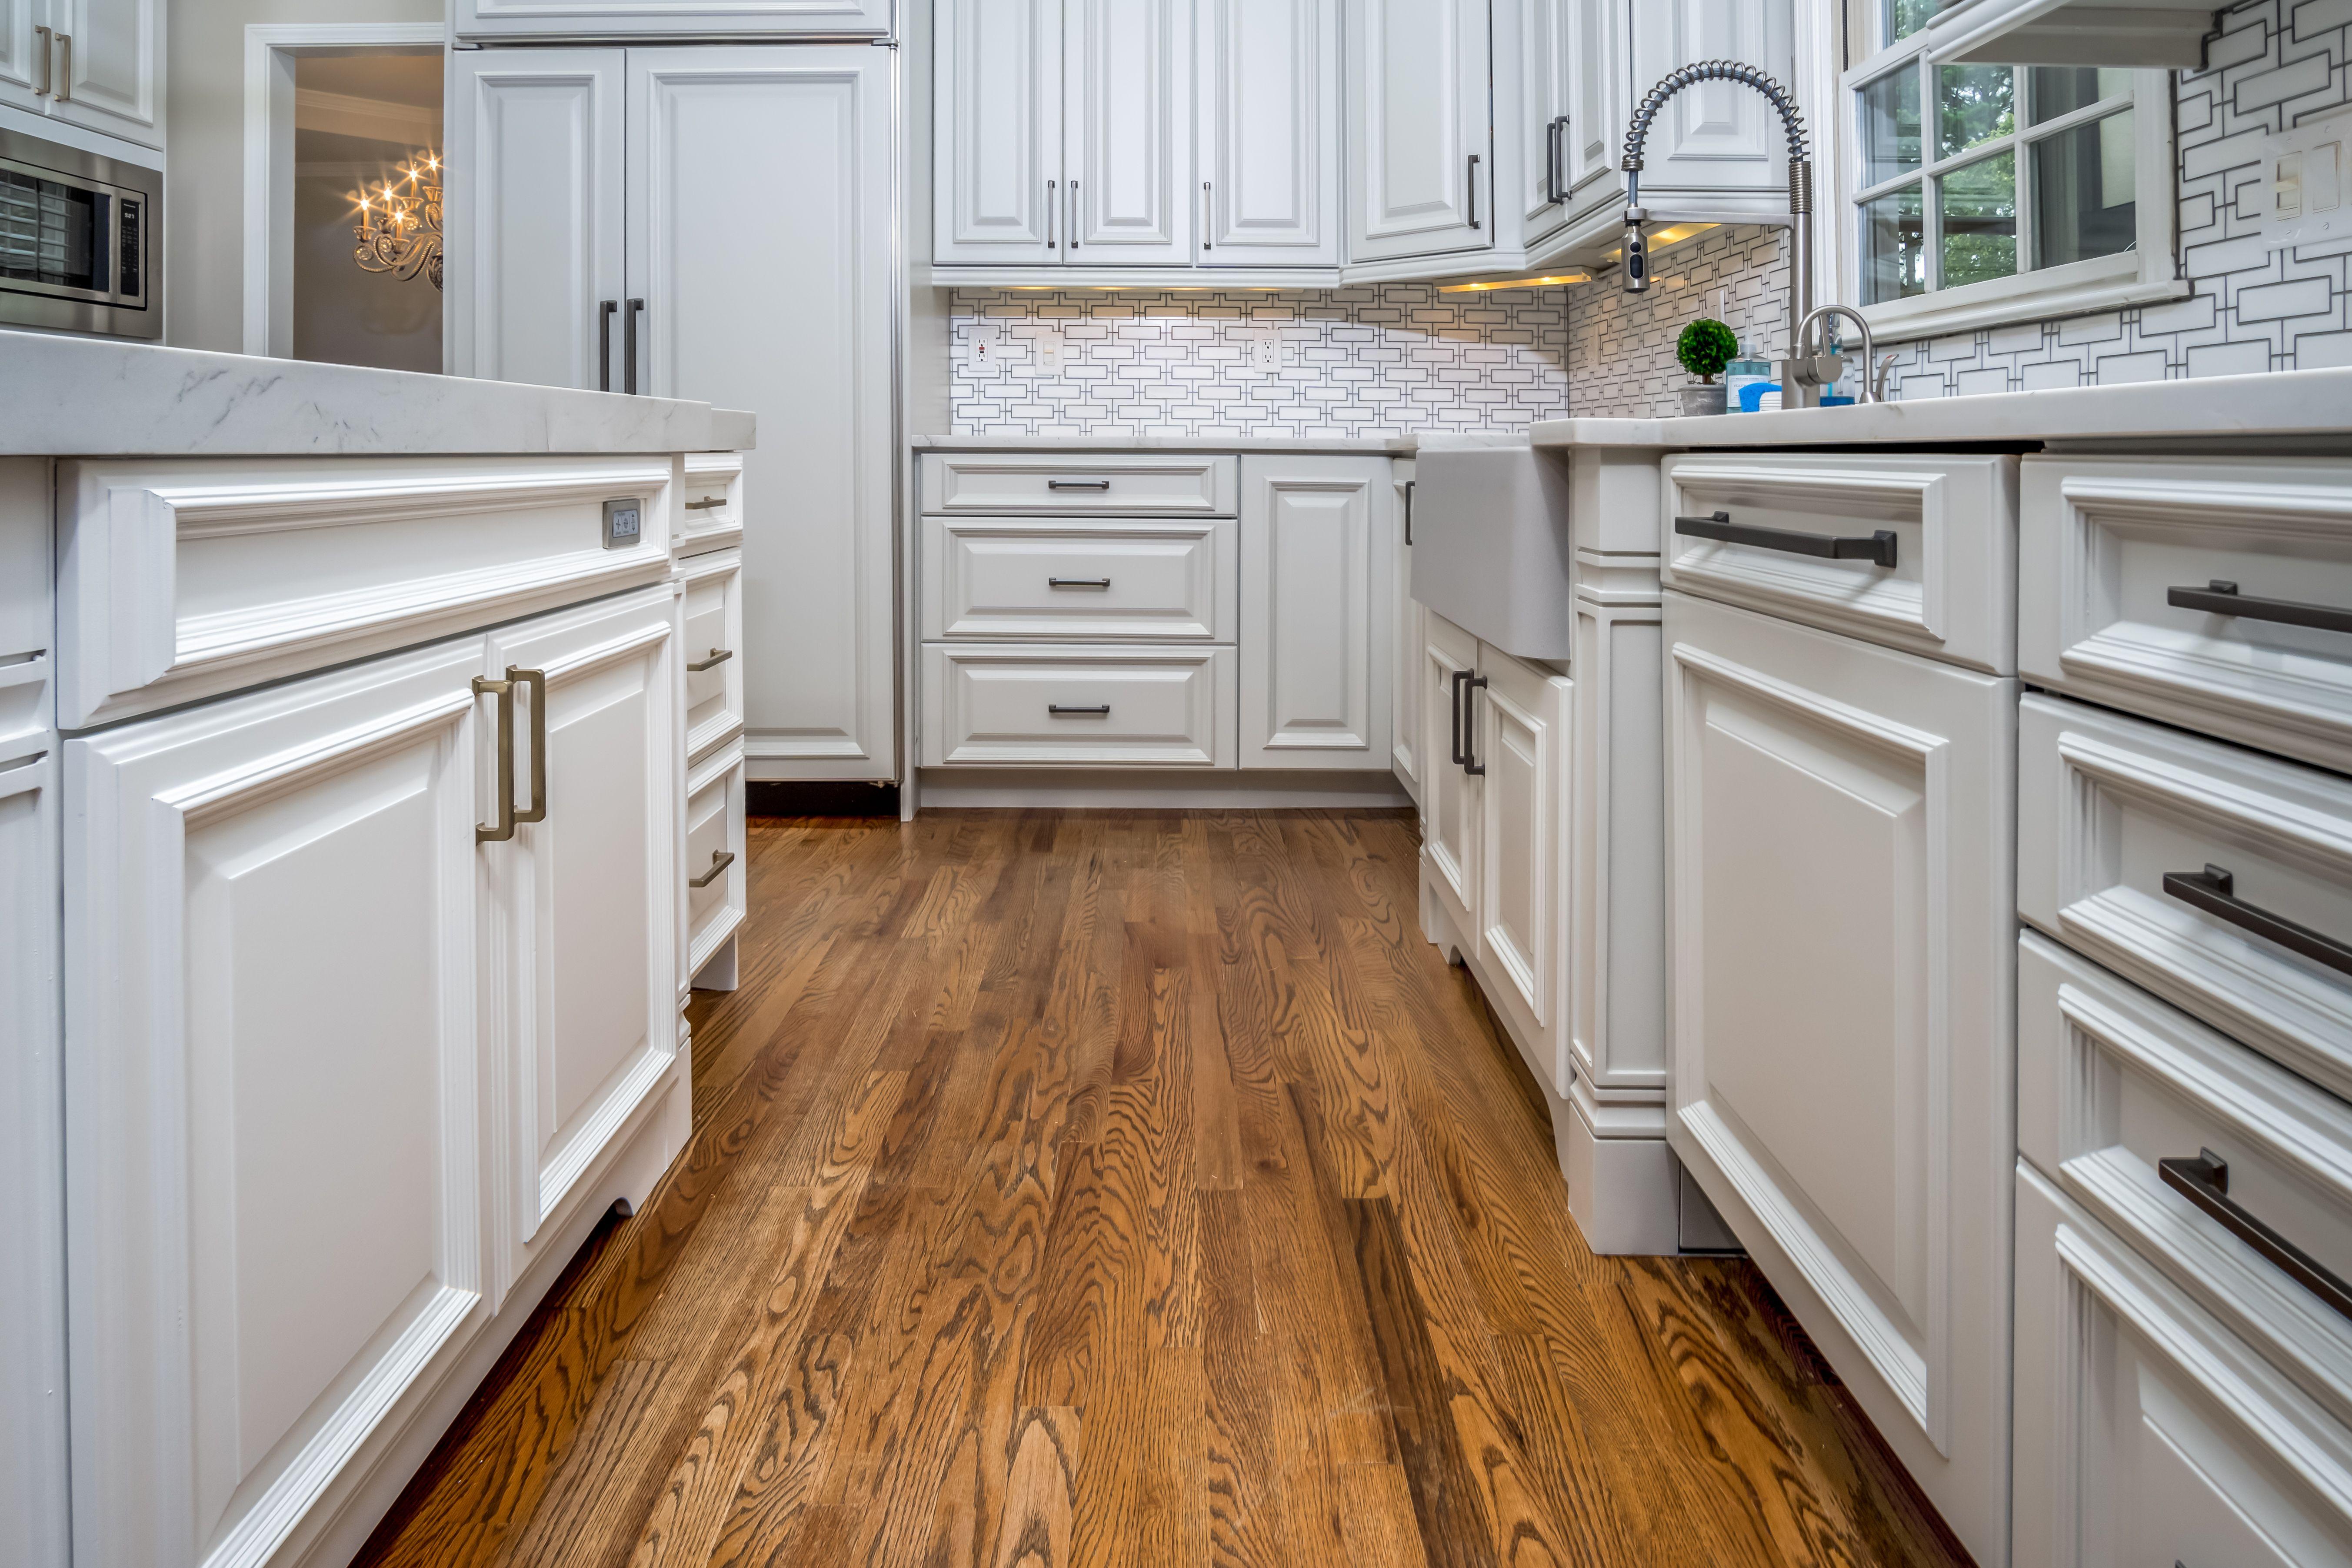 White Kitchen Cabinet Refinishing In Marietta Ga In 2020 Refinish Kitchen Cabinets White Kitchen Cabinets Refinishing Cabinets